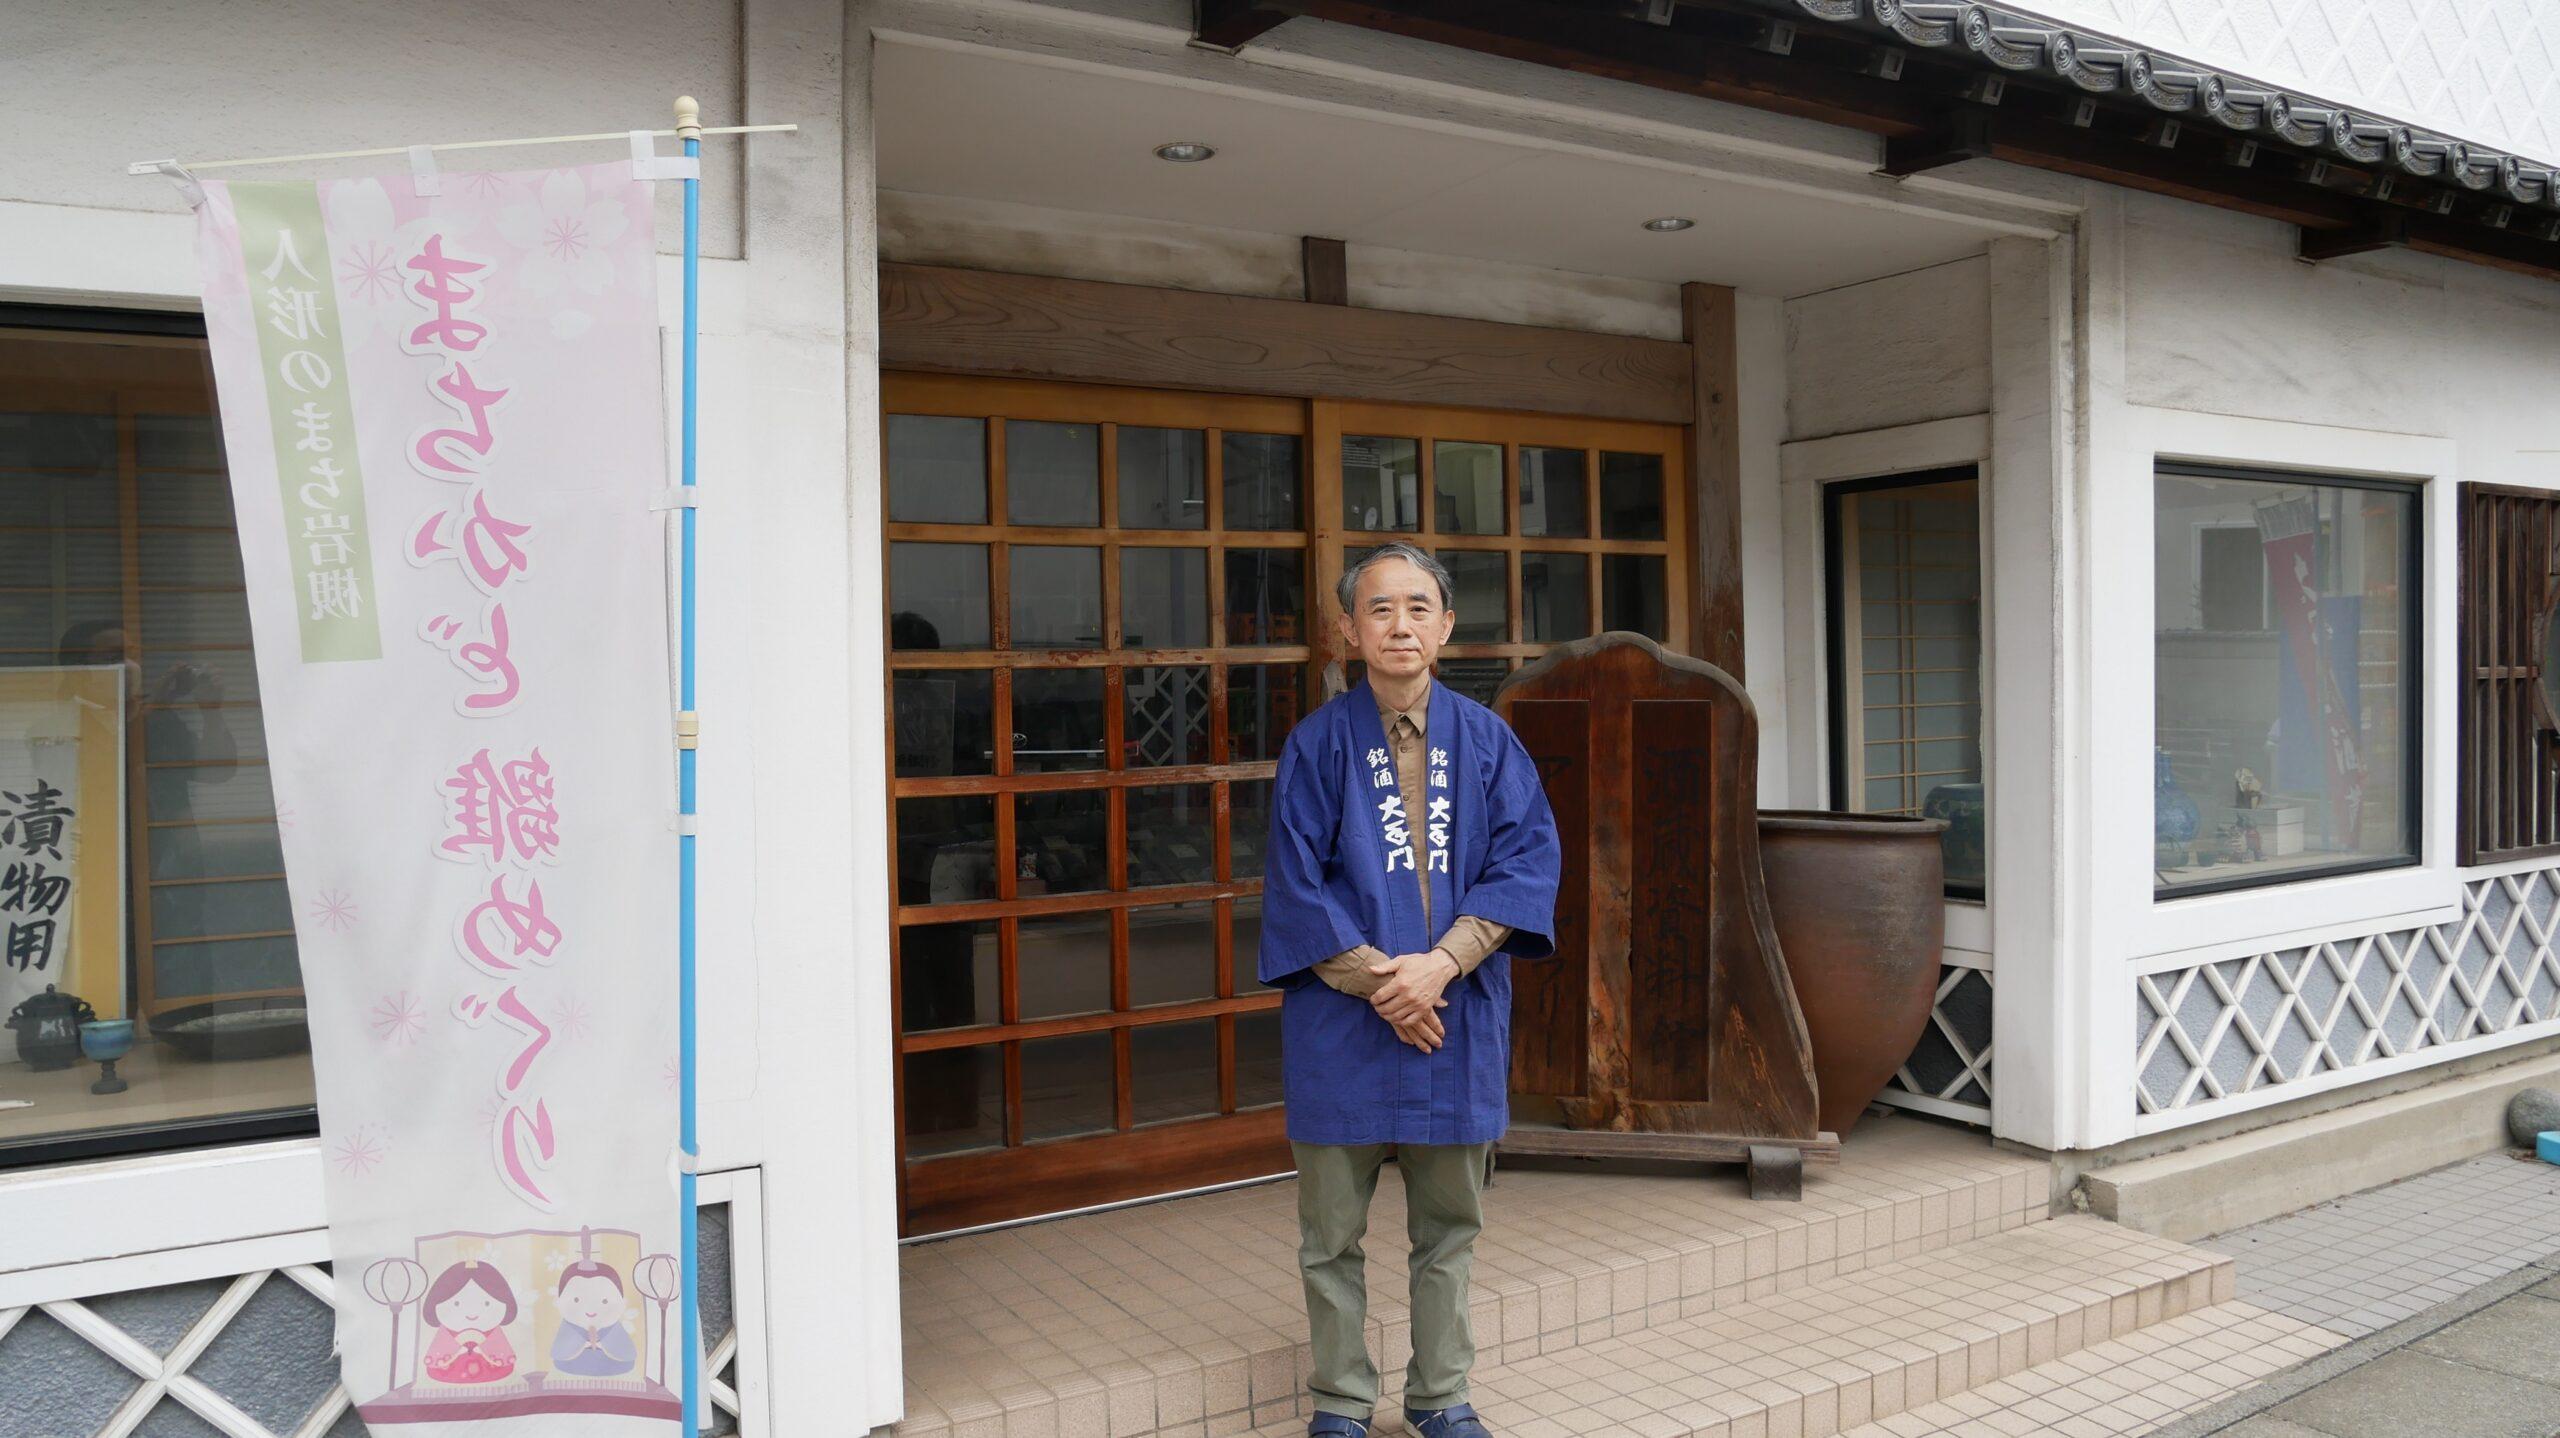 明治4年創業・埼玉県の蔵元が150年磨きをかけた渾身の記念酒を発売